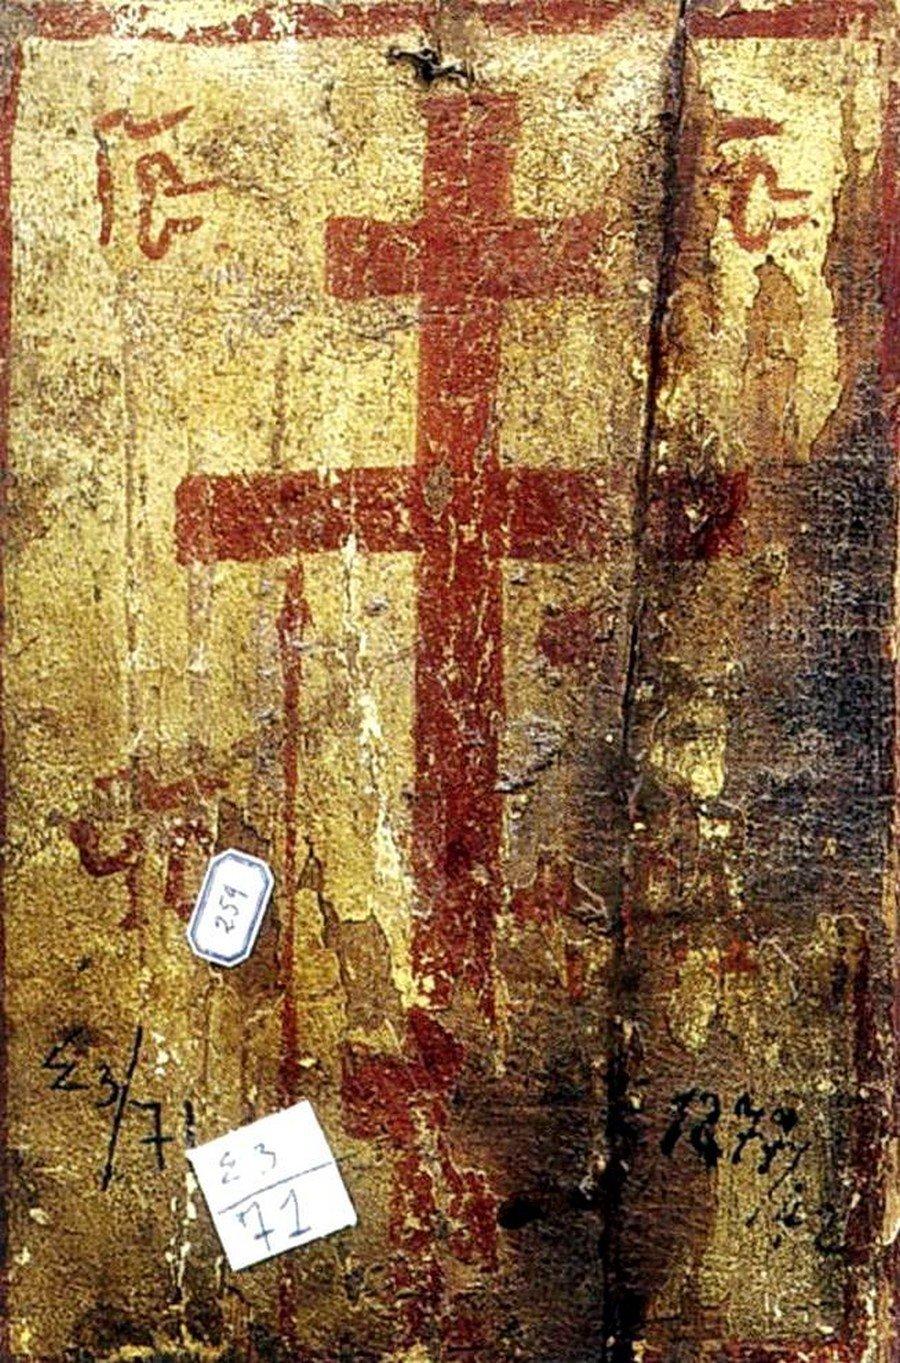 """Святой Крест. Обратная сторона иконы Божией Матери """"Одигитрия"""". Византия, XIII век. Монастырь Святой Екатерины на Синае."""